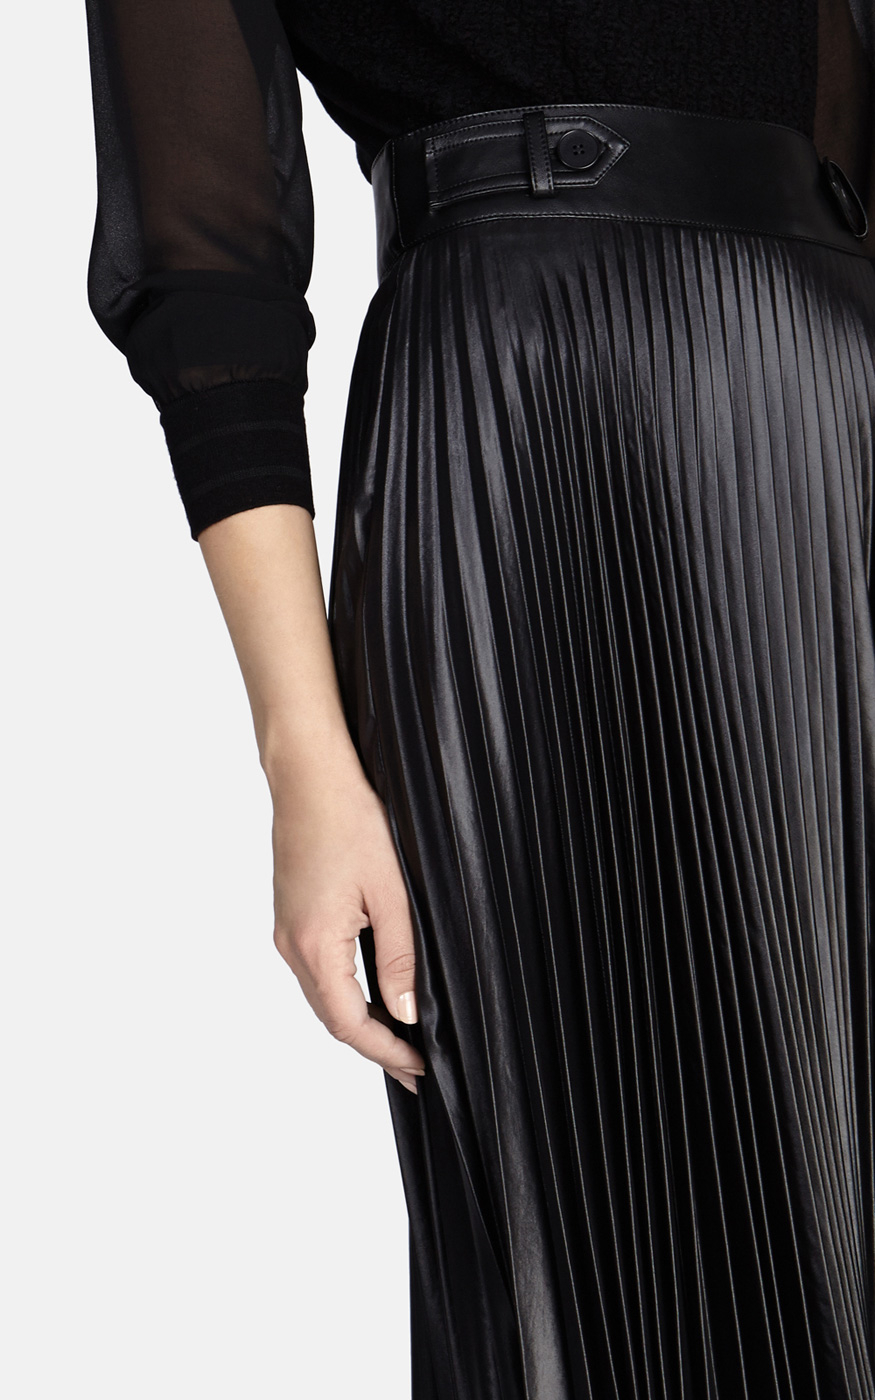 fd6873a3d99 Karen Millen Pleated Skirt in Black - Lyst